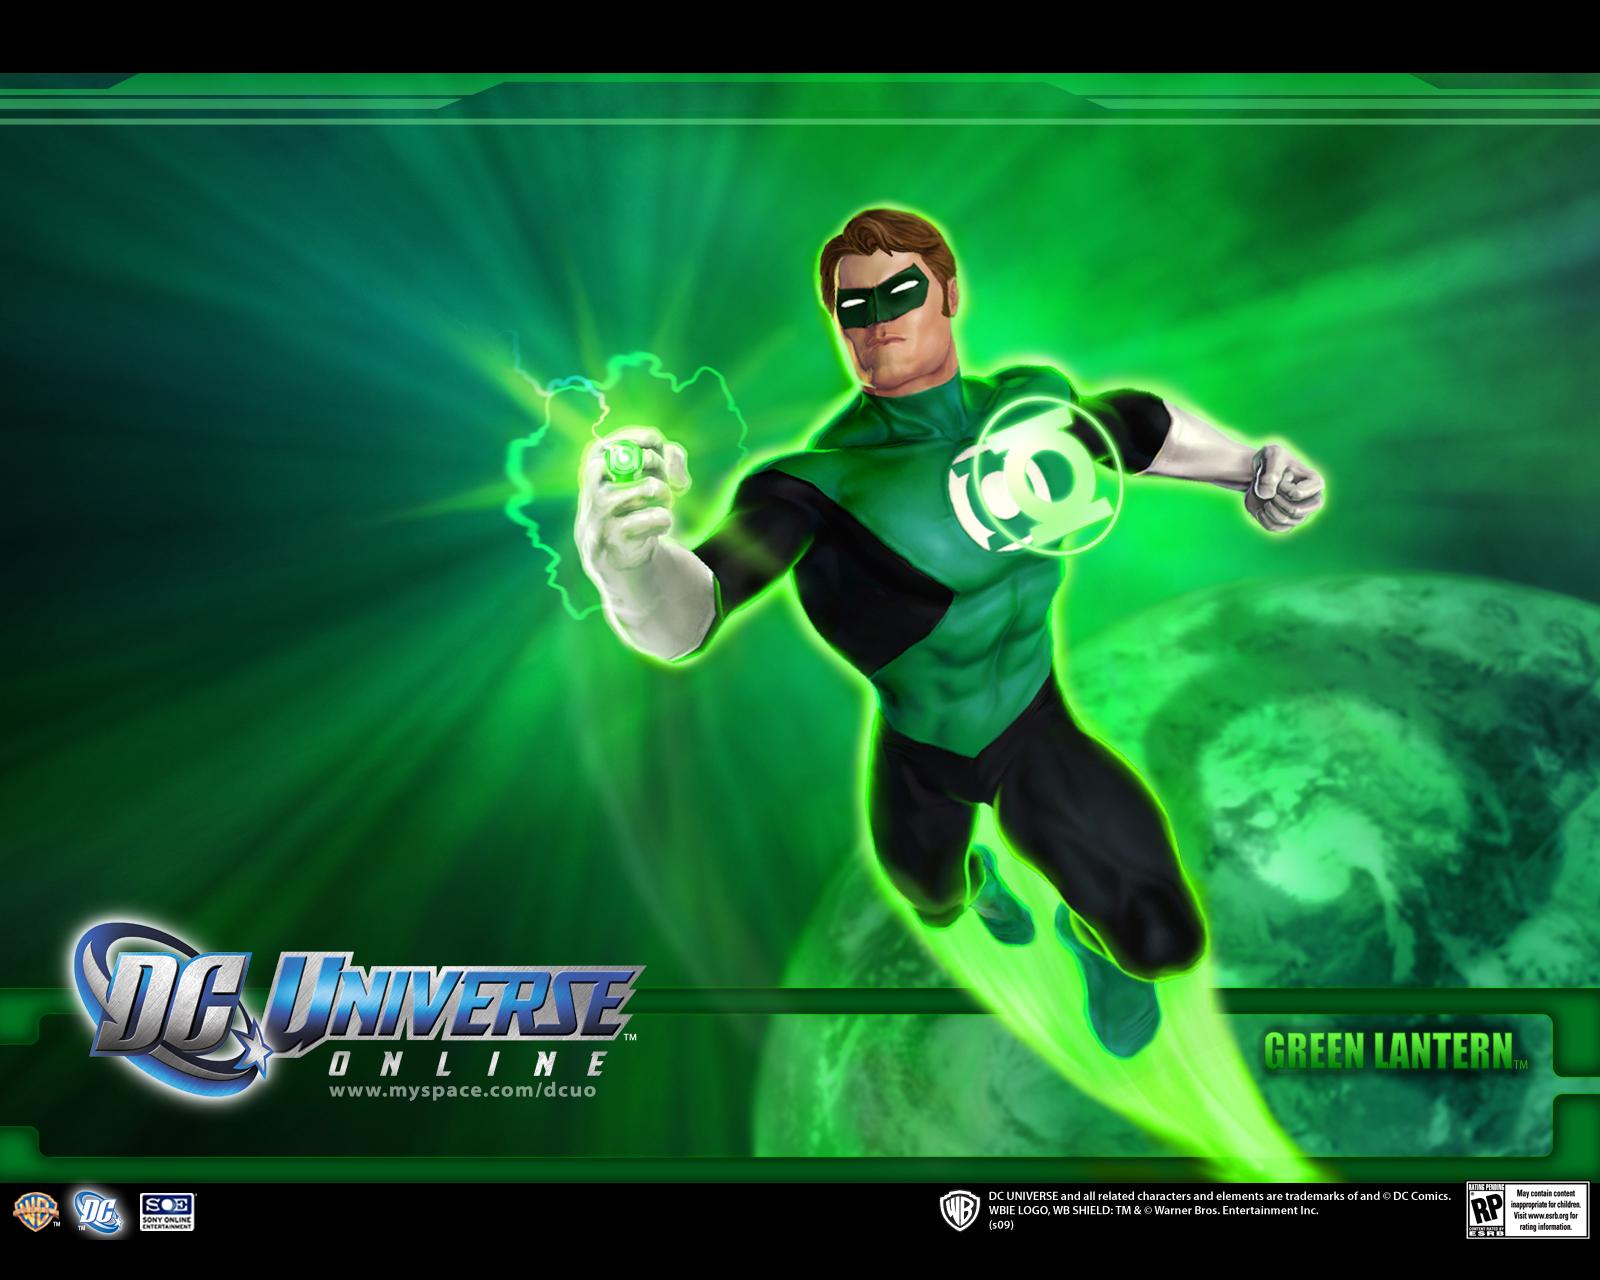 DC Universe Online has